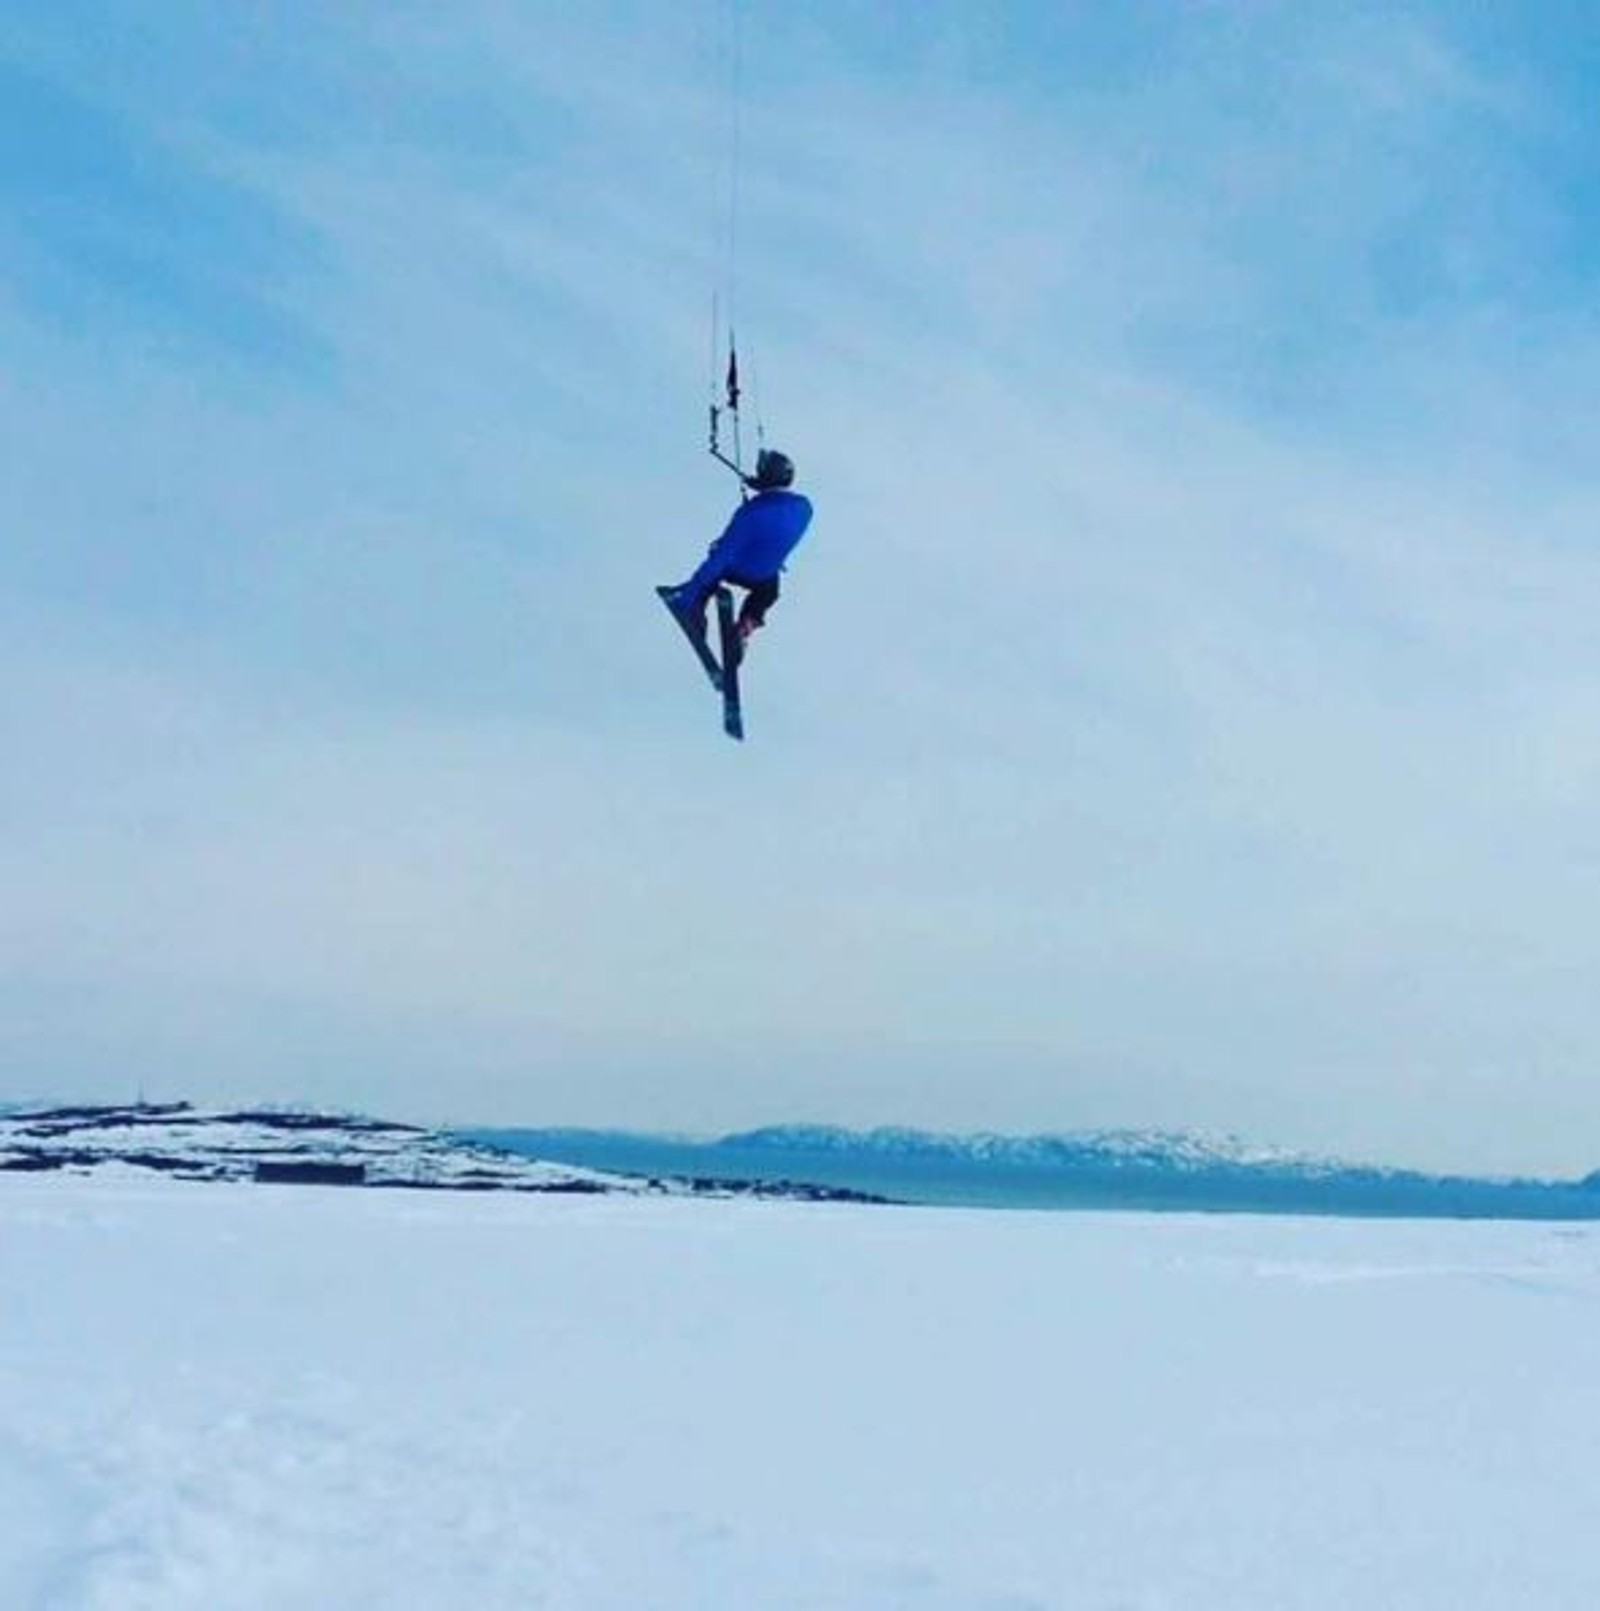 Fortsatt vinter og muligheter for snøkiting på Varangers norske versjon av Hawaii.